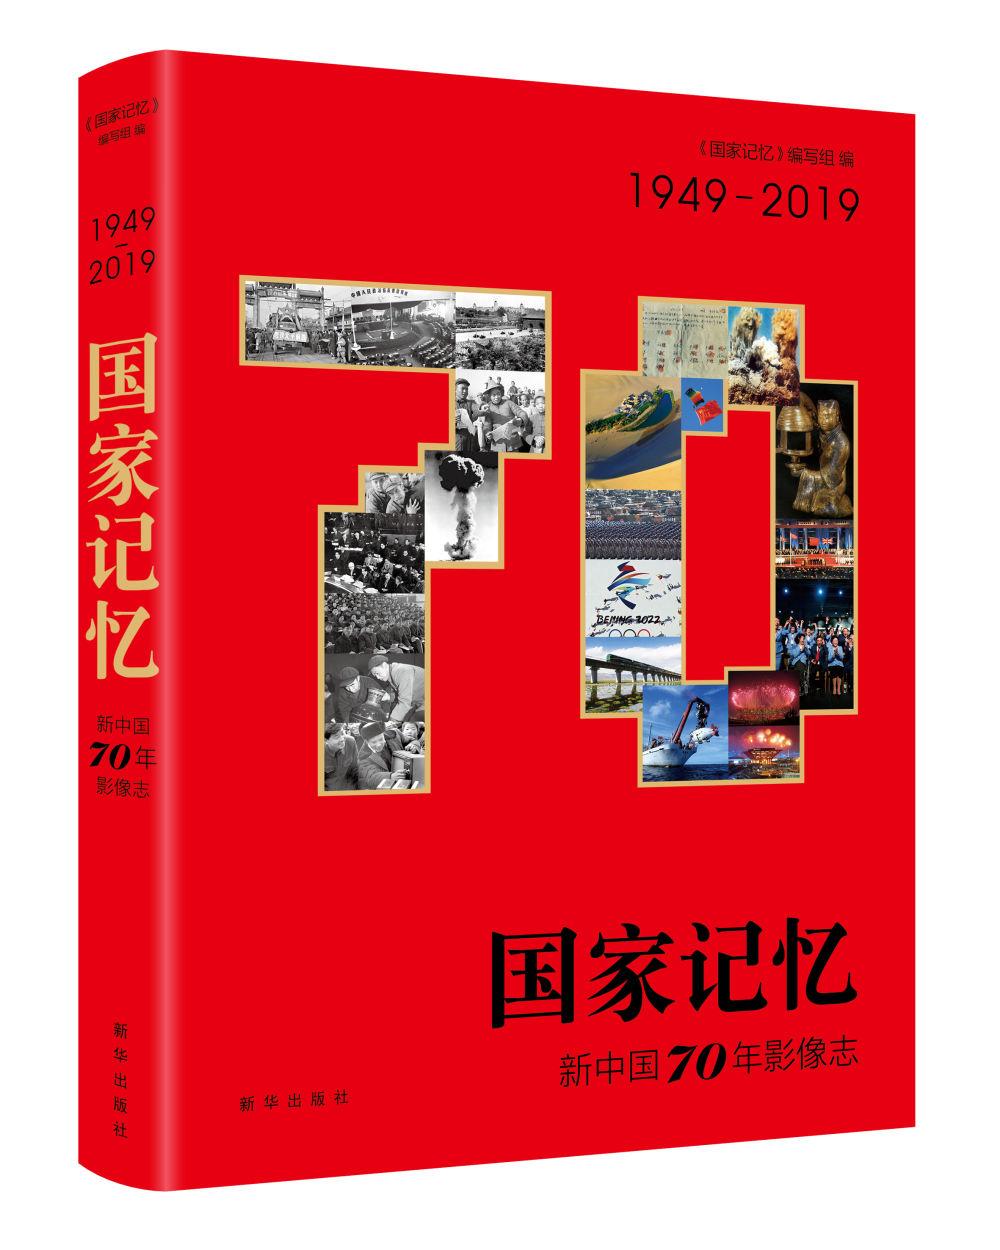 《國家記憶:新中國70年影像志》出版發行